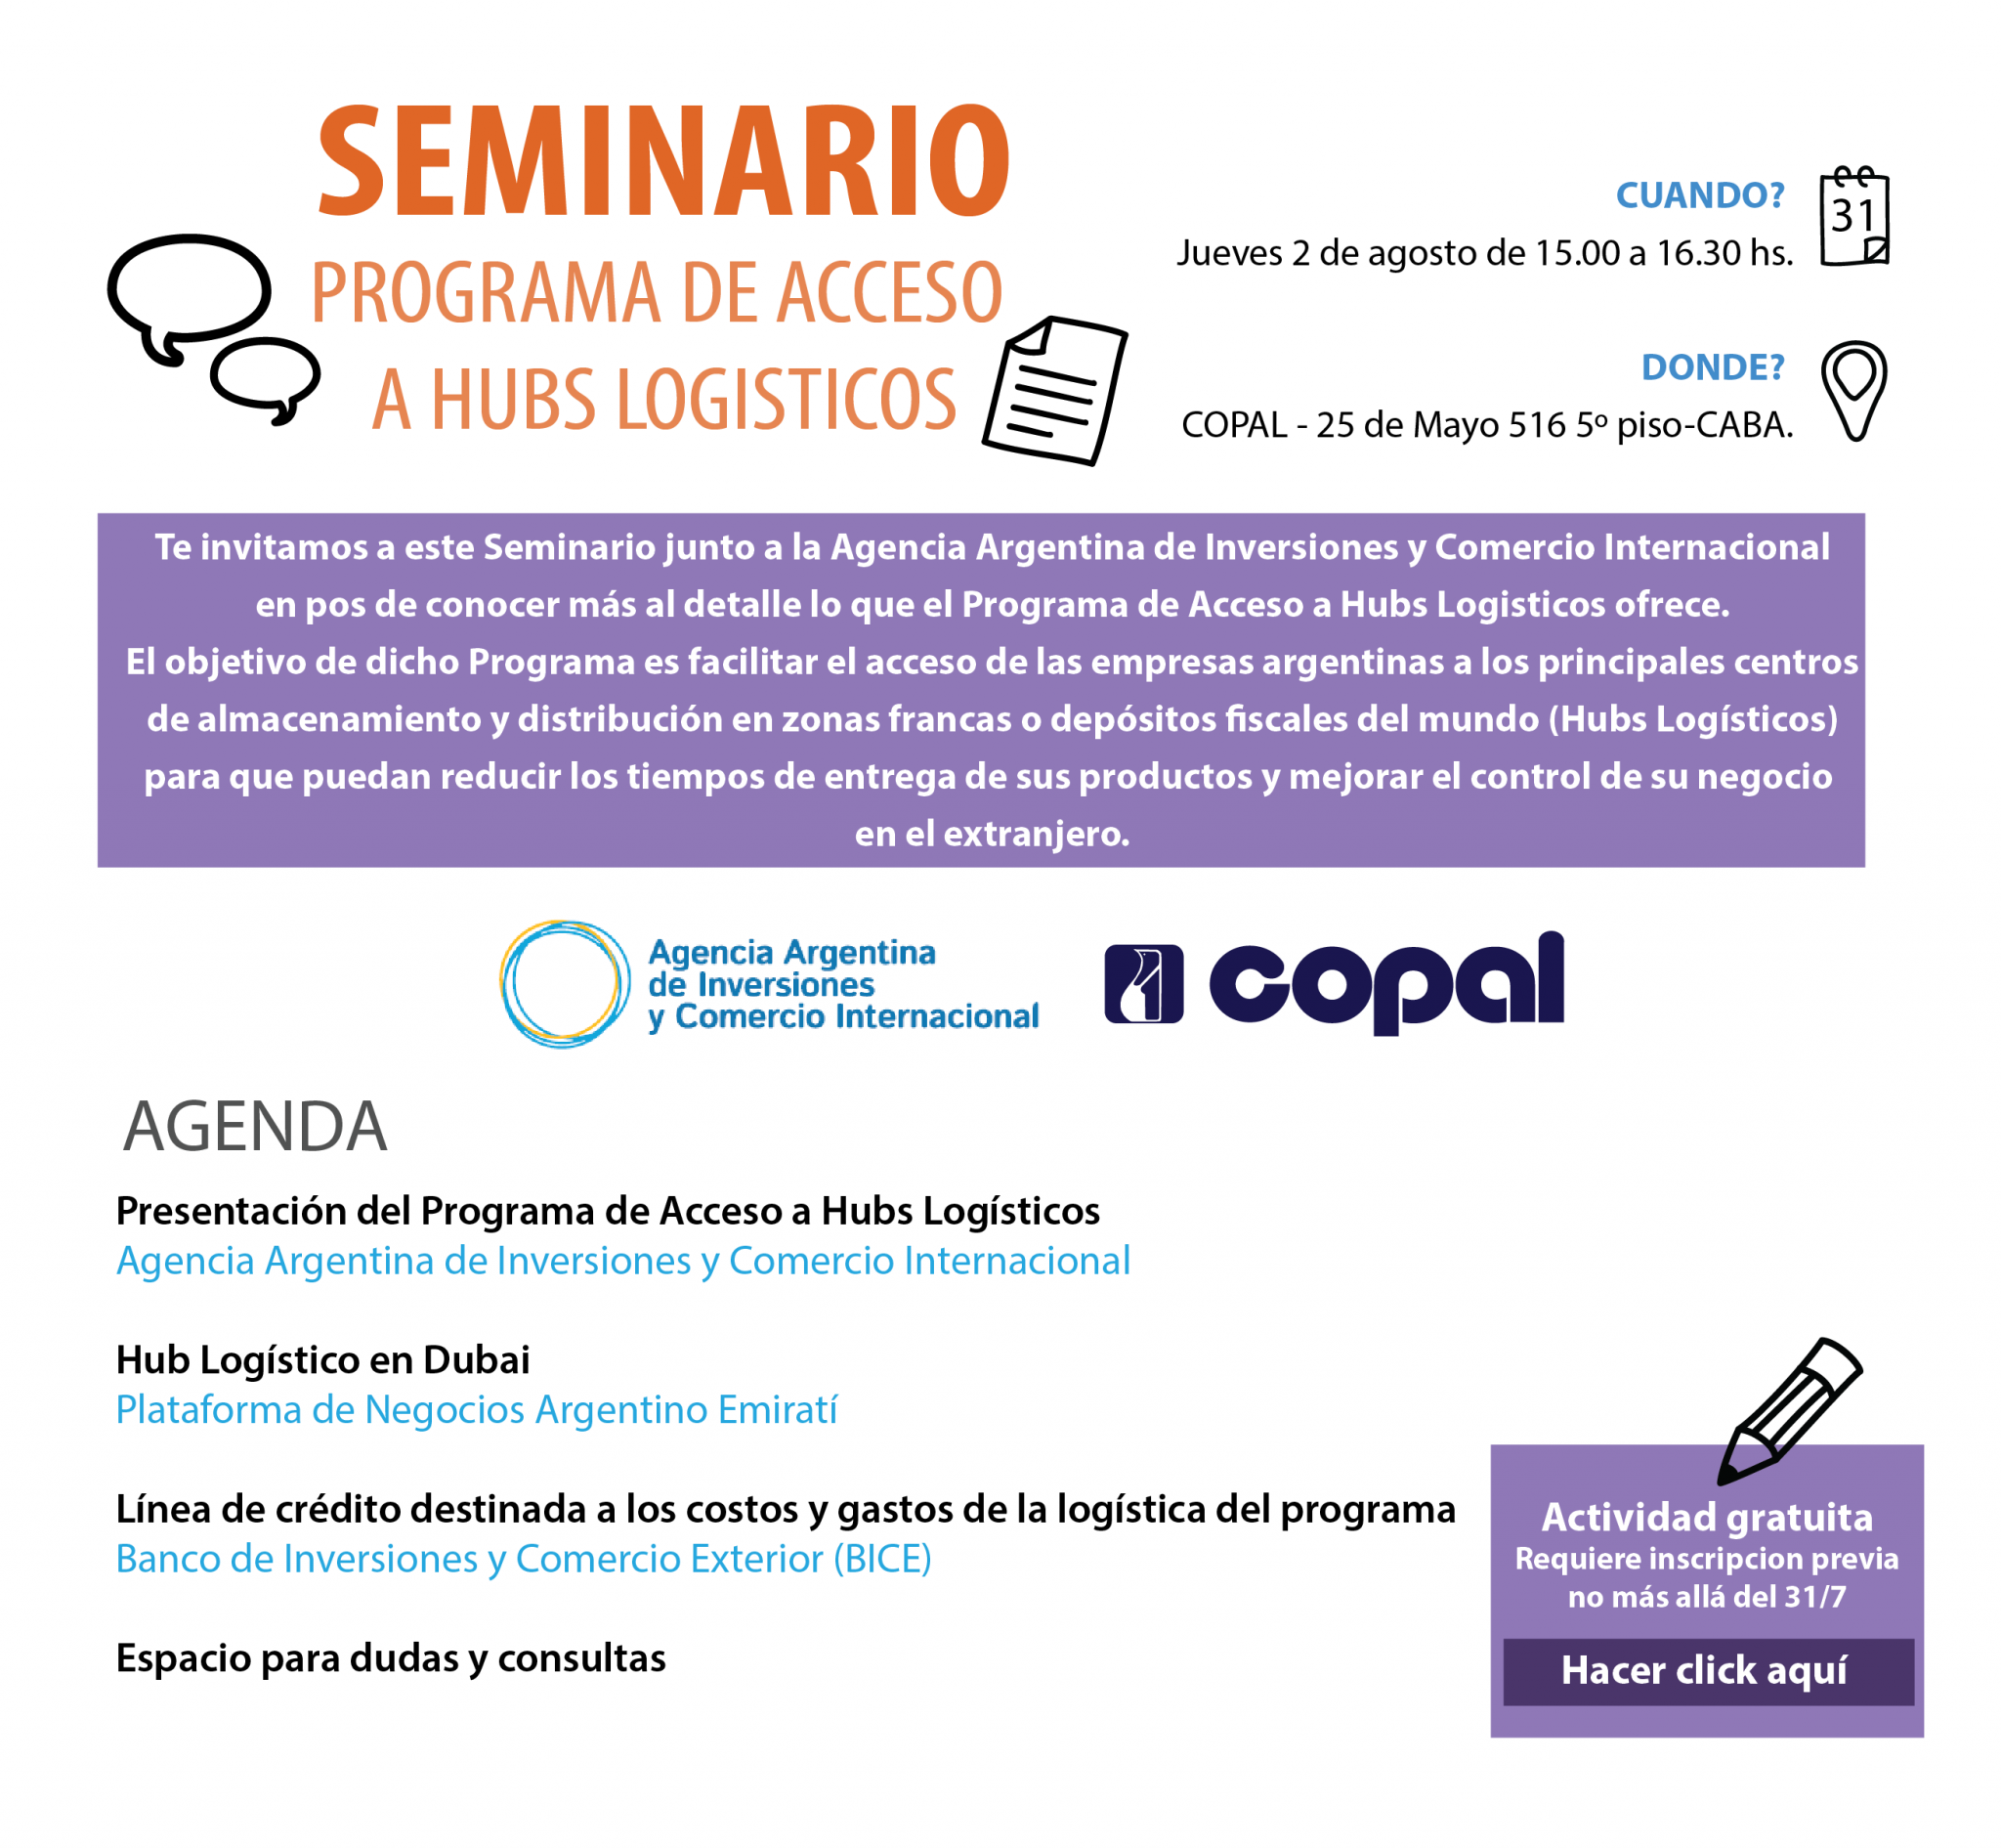 seminario_programa de acceso a Hubs Logisticos